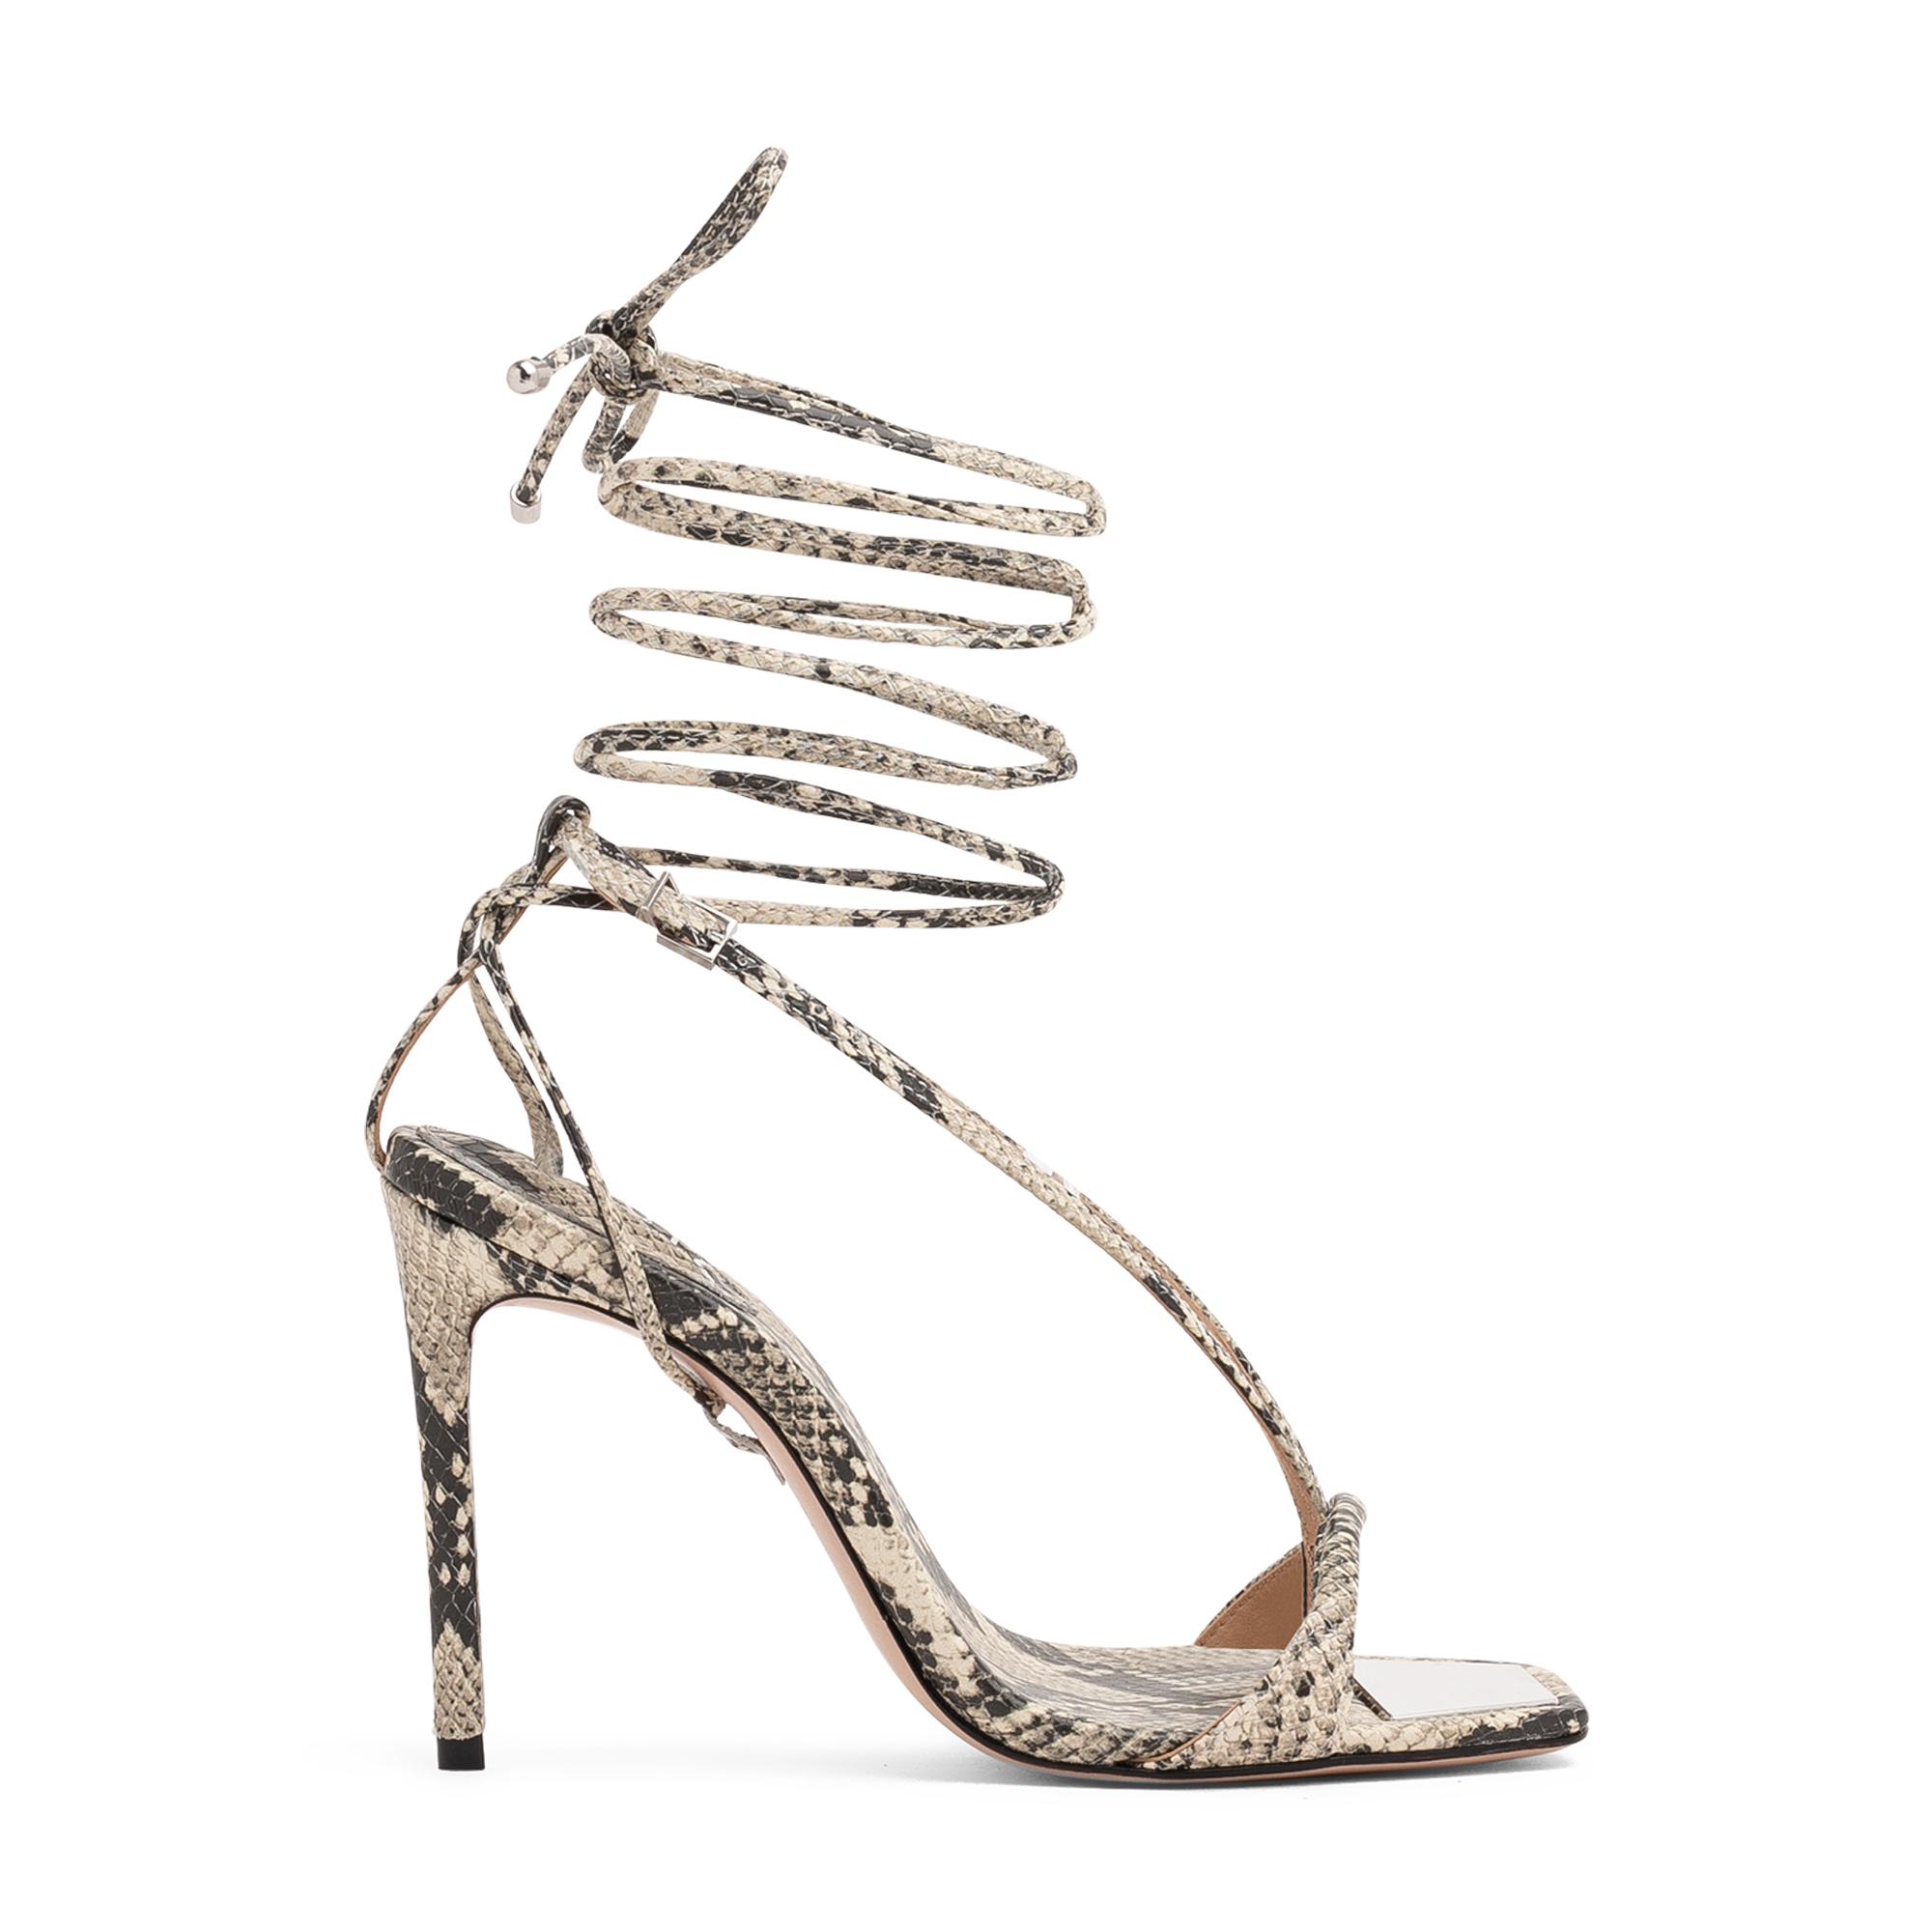 Vikki sandals